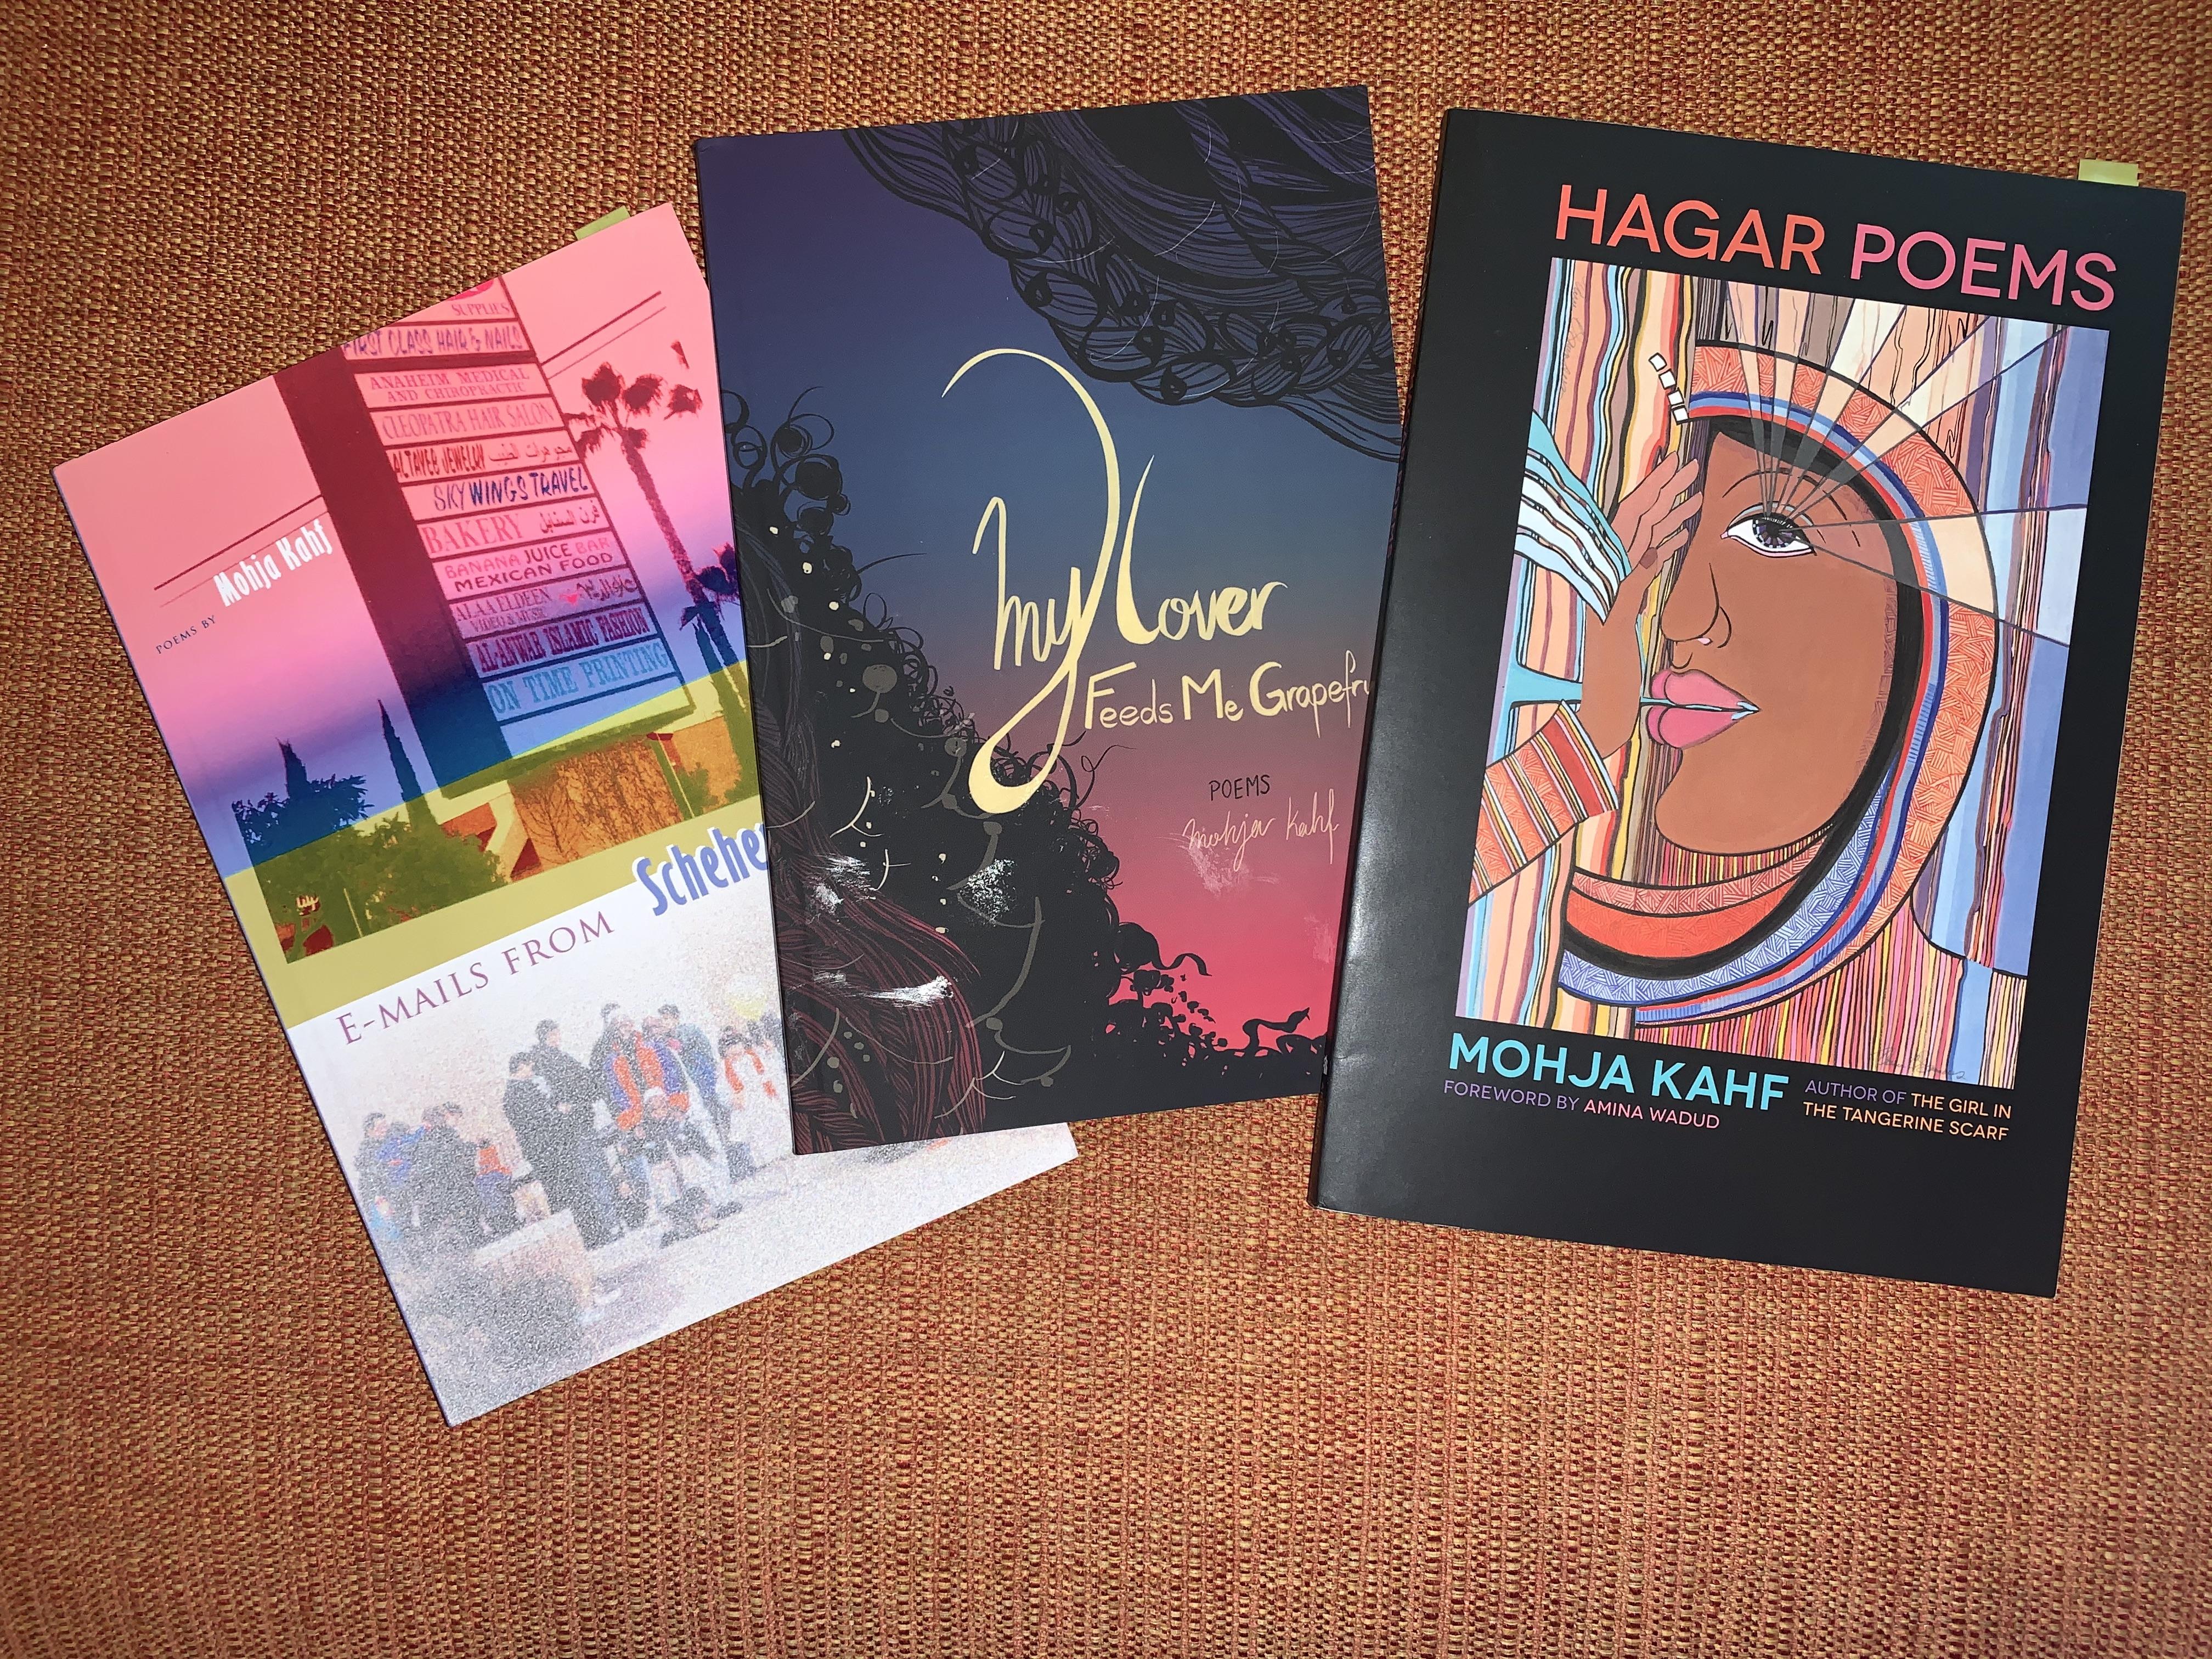 Poems by Mohja Kahf | KatysBlog